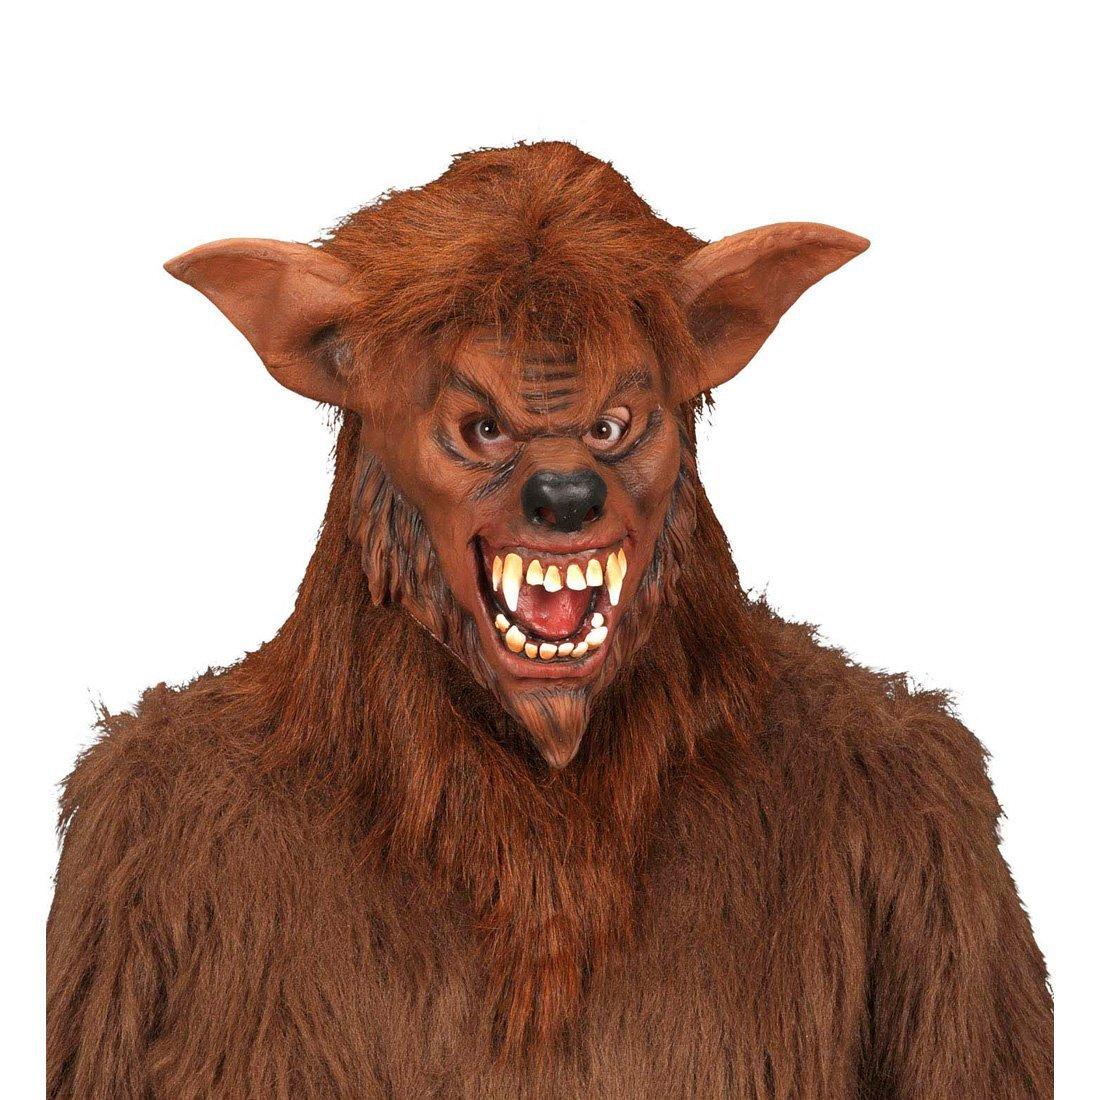 Máscara de hombre lobo felpa antifaz horror bestia halloween horror carnaval halloween: Amazon.es: Juguetes y juegos